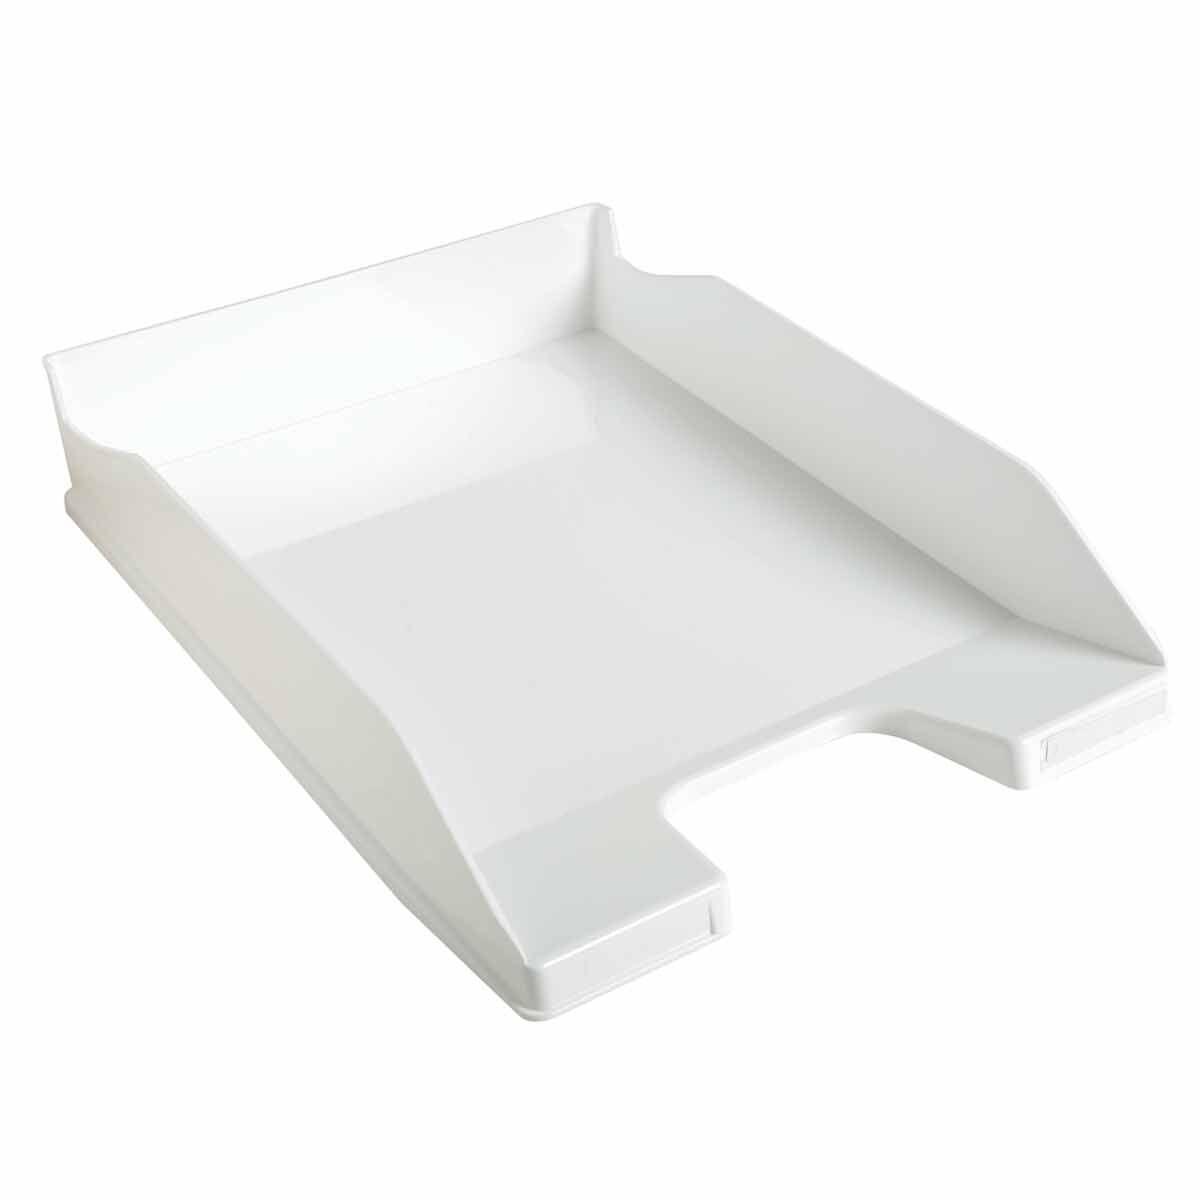 Exacompta Office Letter Tray Midi Combo Pack of 6 Gloss white